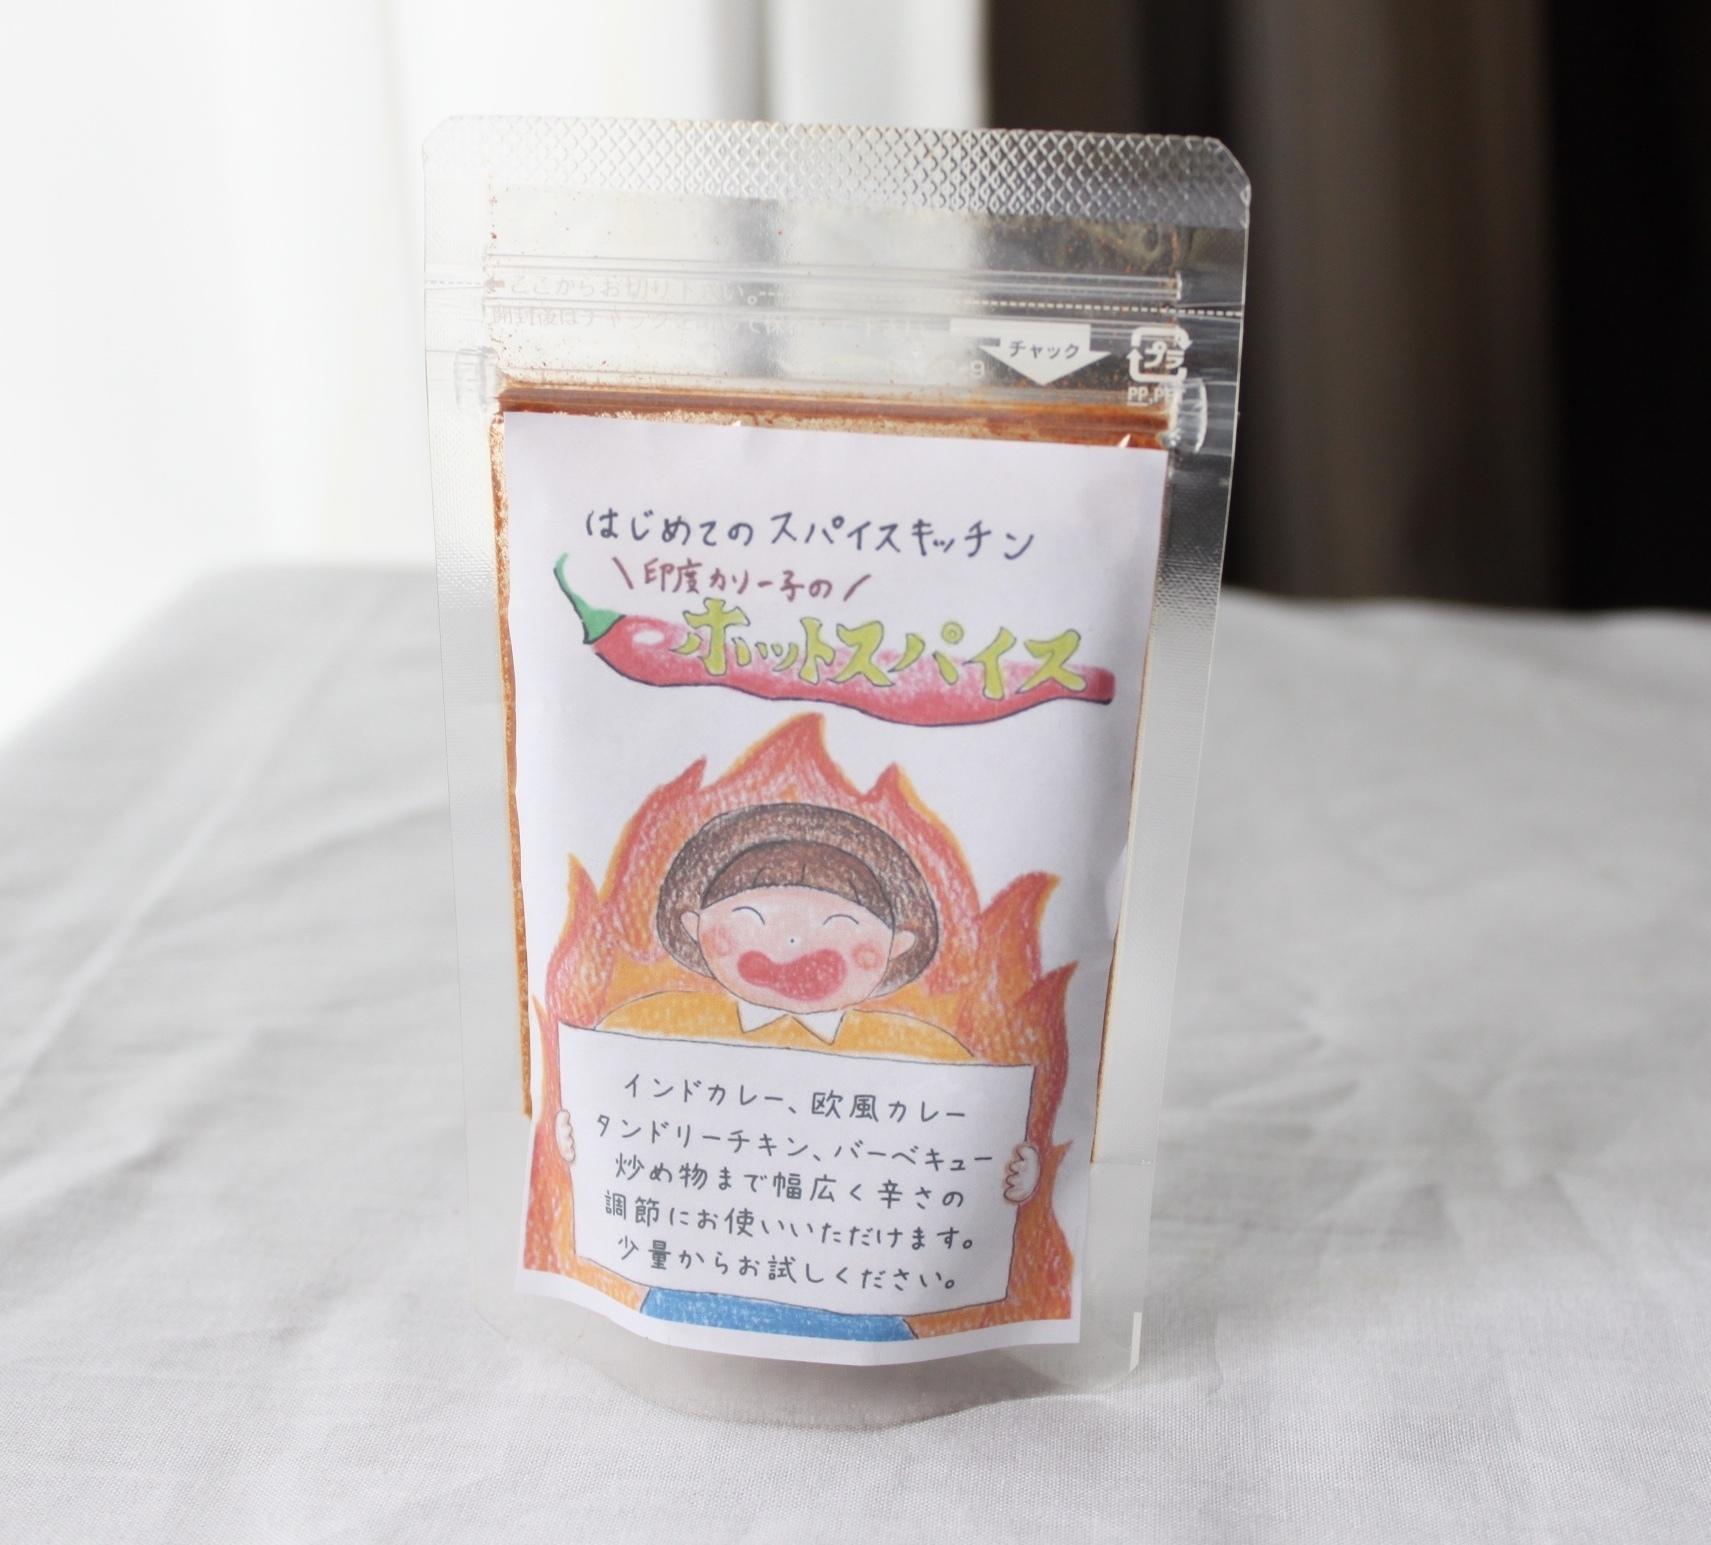 【ホットスパイス】印度カリー子 特製 辛さ自由自在チャック付き 袋 45g